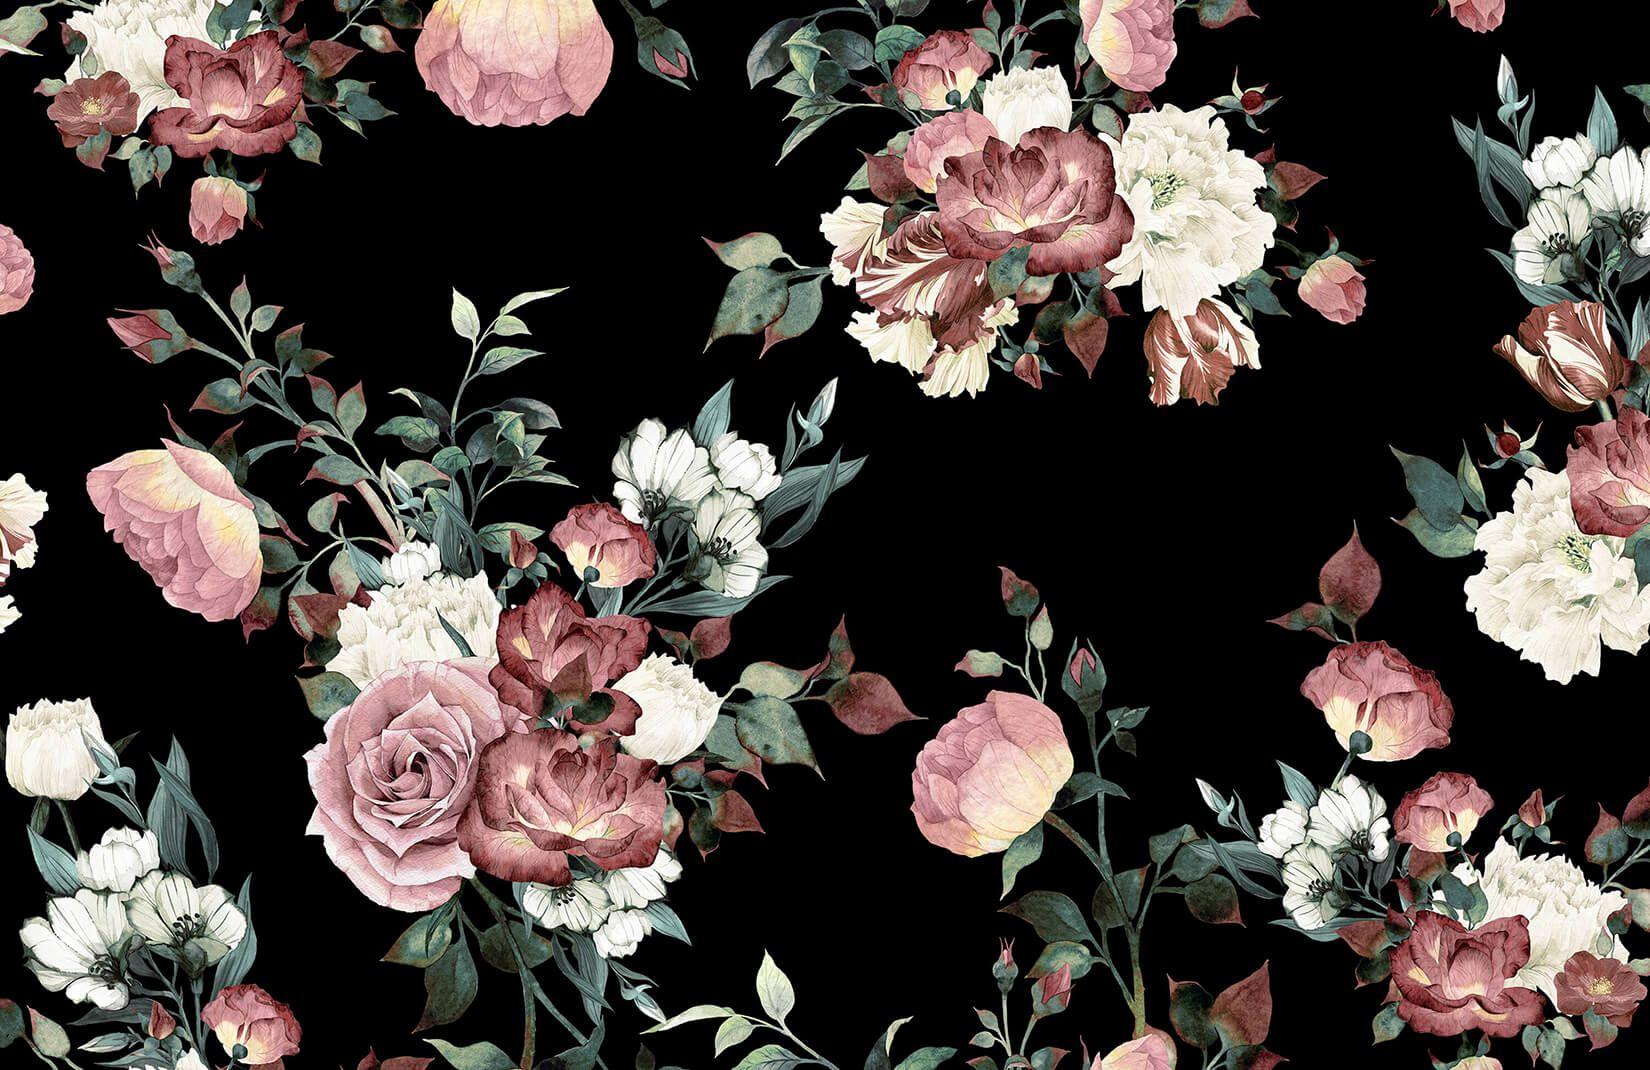 Vintage Pink And Cream Dark Floral Wall Mural In 2020 Vintage